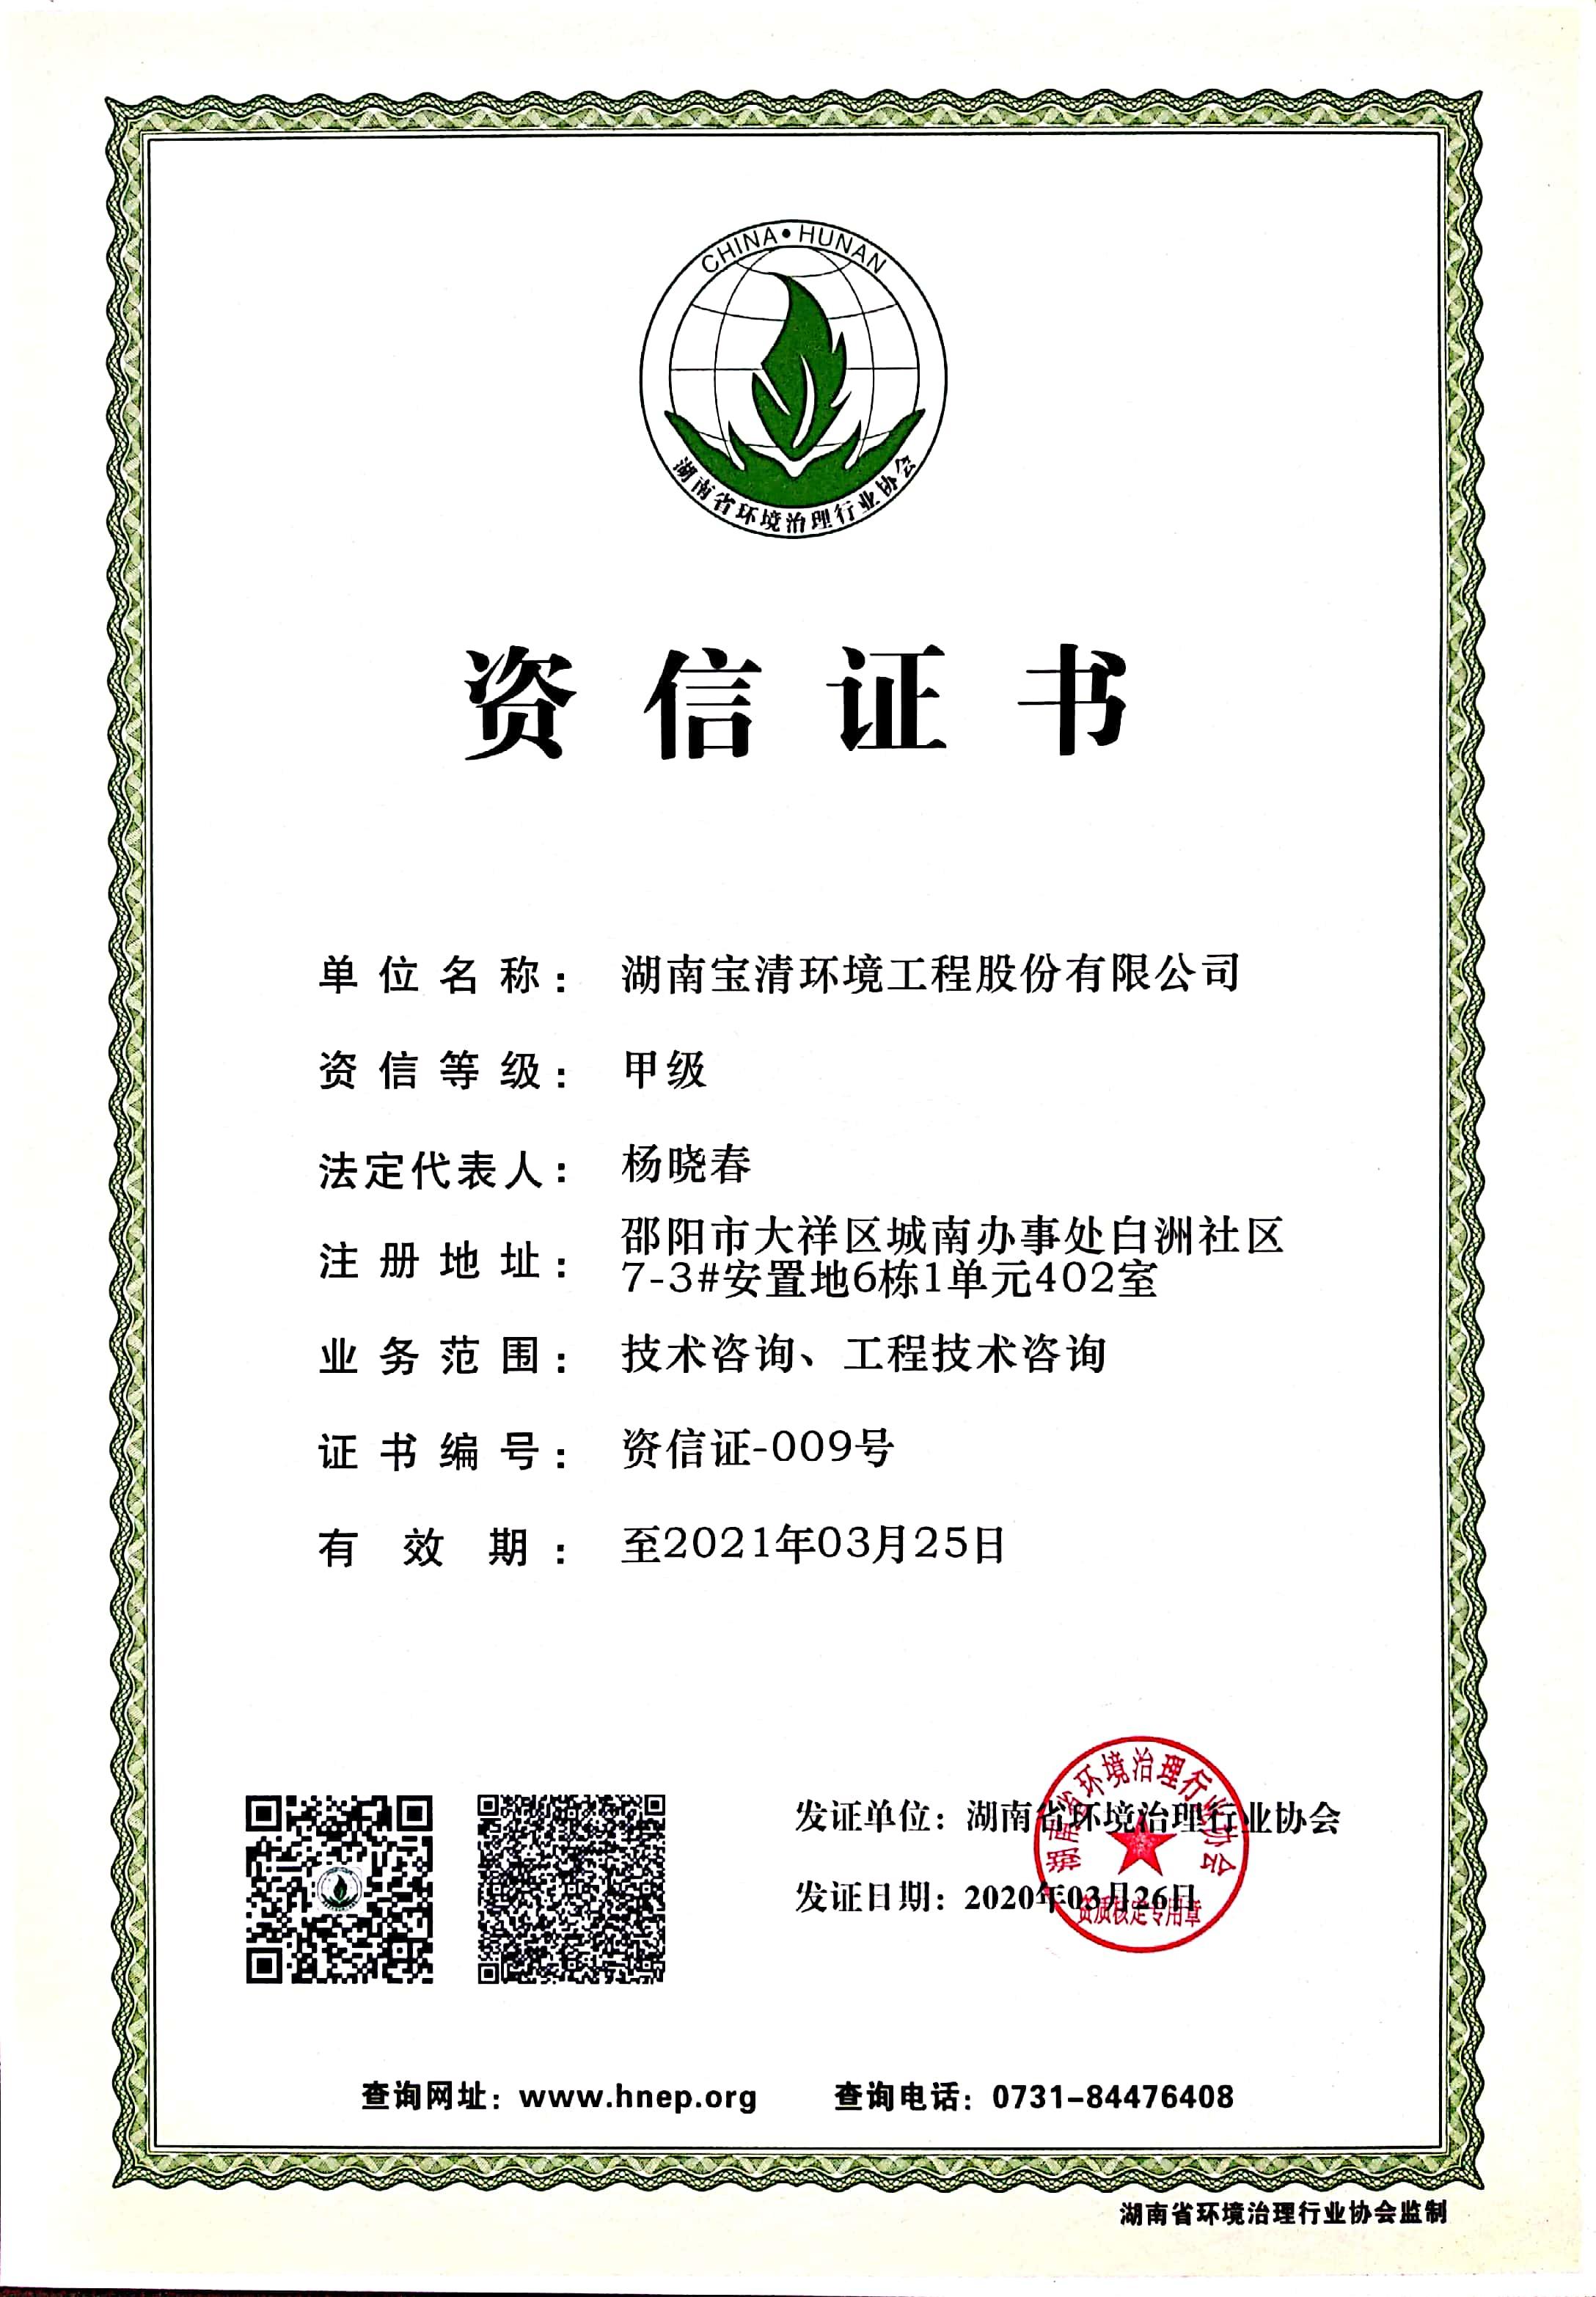 技术咨询和工程咨询 甲级资信证书